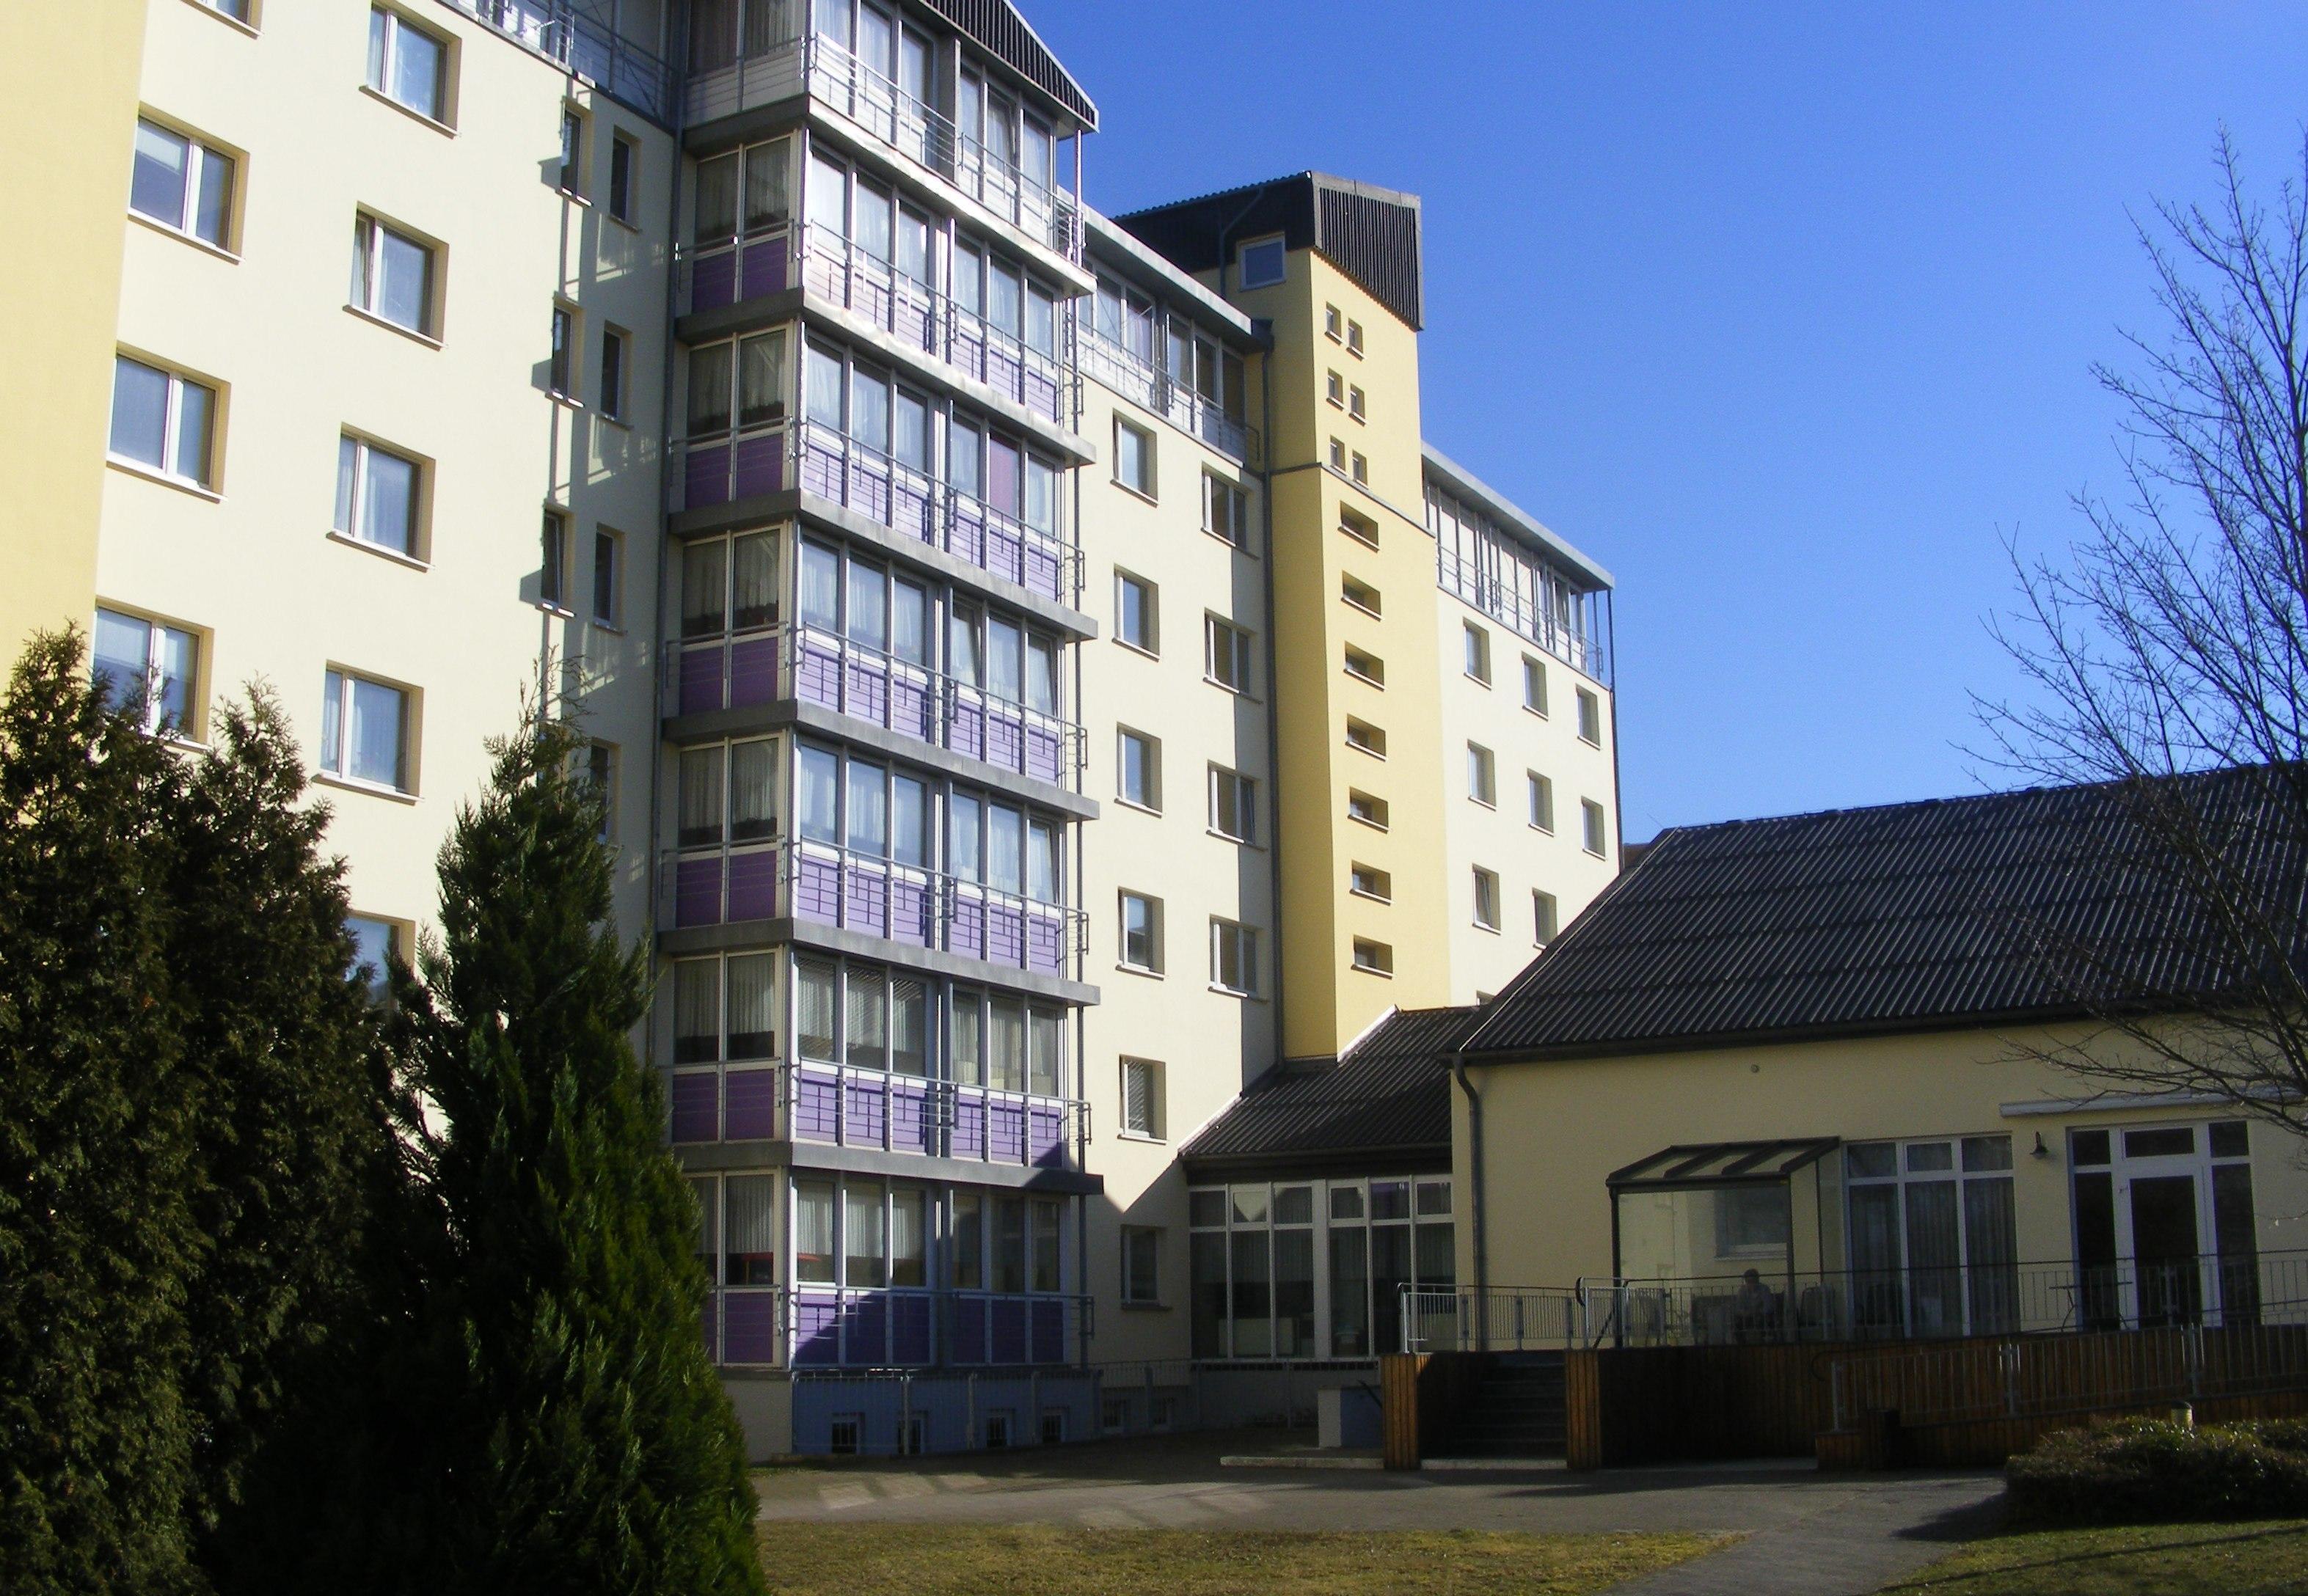 Senioren-Wohnpark Wolmirstedt